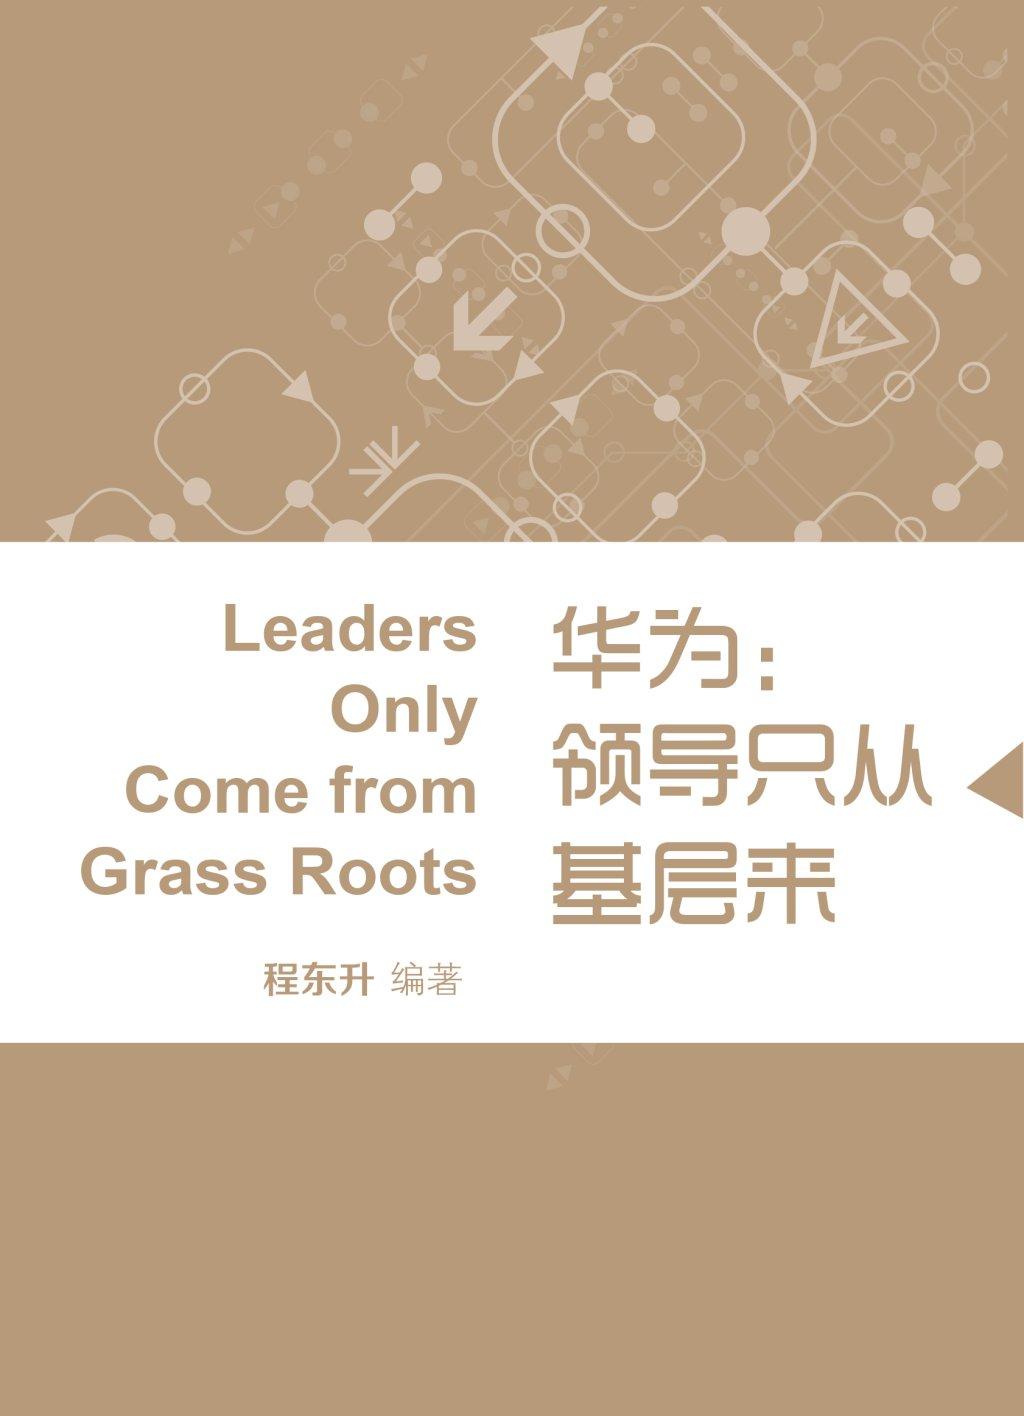 华为:领导只从基层来(蓝狮子速读系列-管理025)